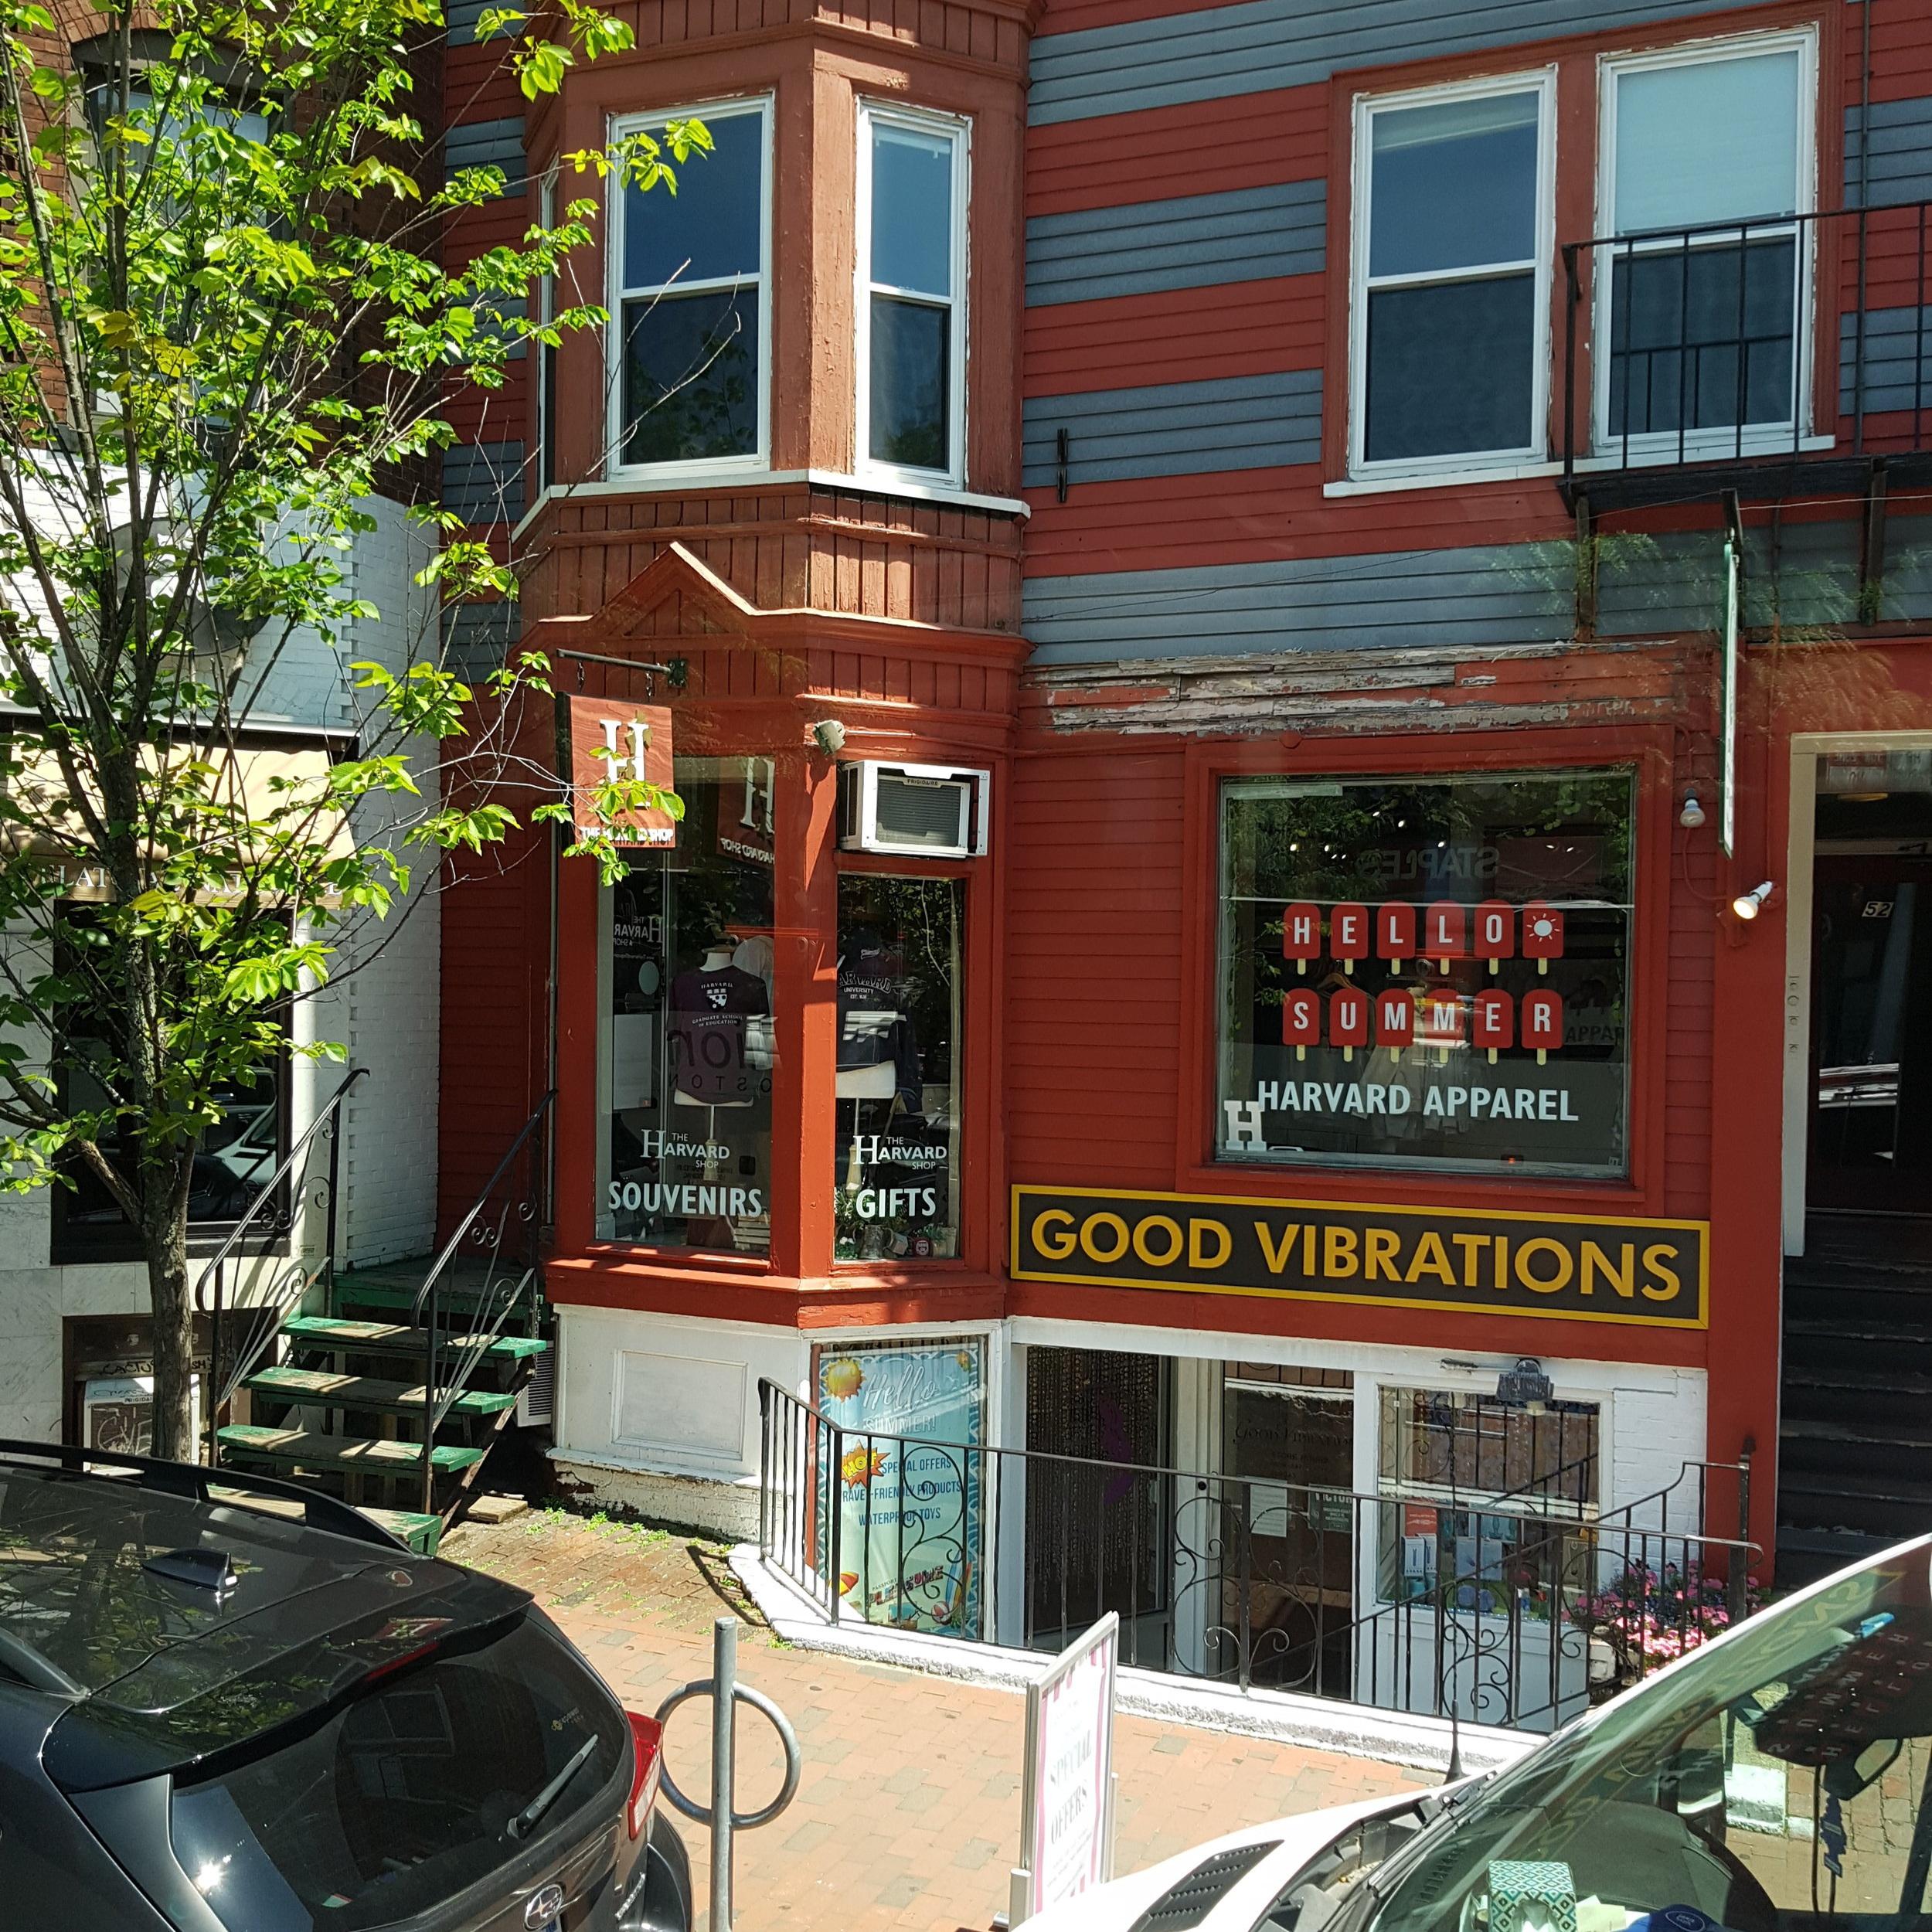 Good vibrations in Boston, Massachusetts!